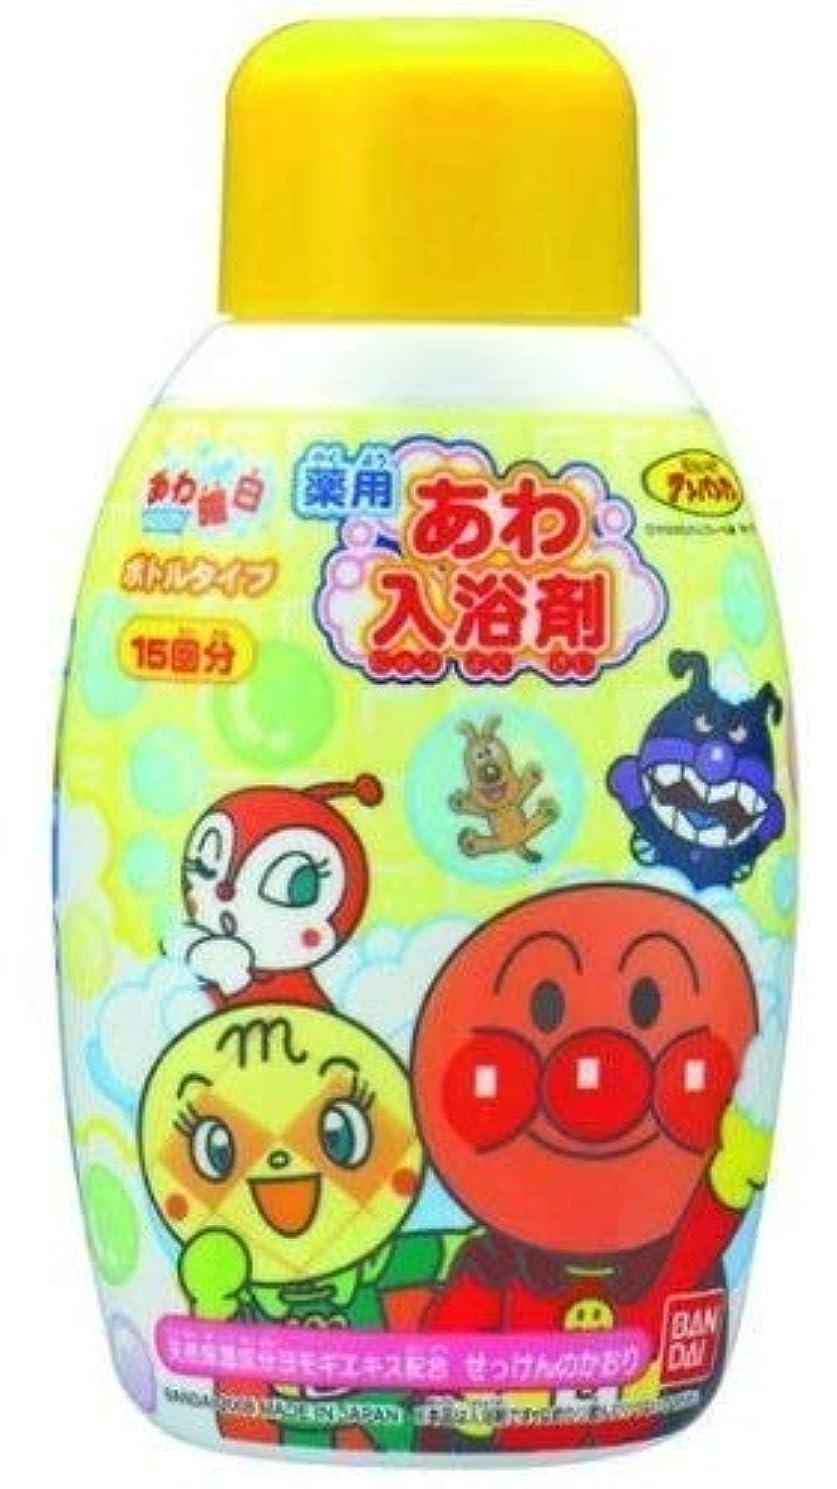 落とし穴風刺くすぐったいあわ入浴剤ボトルタイプ アンパンマン × 3個